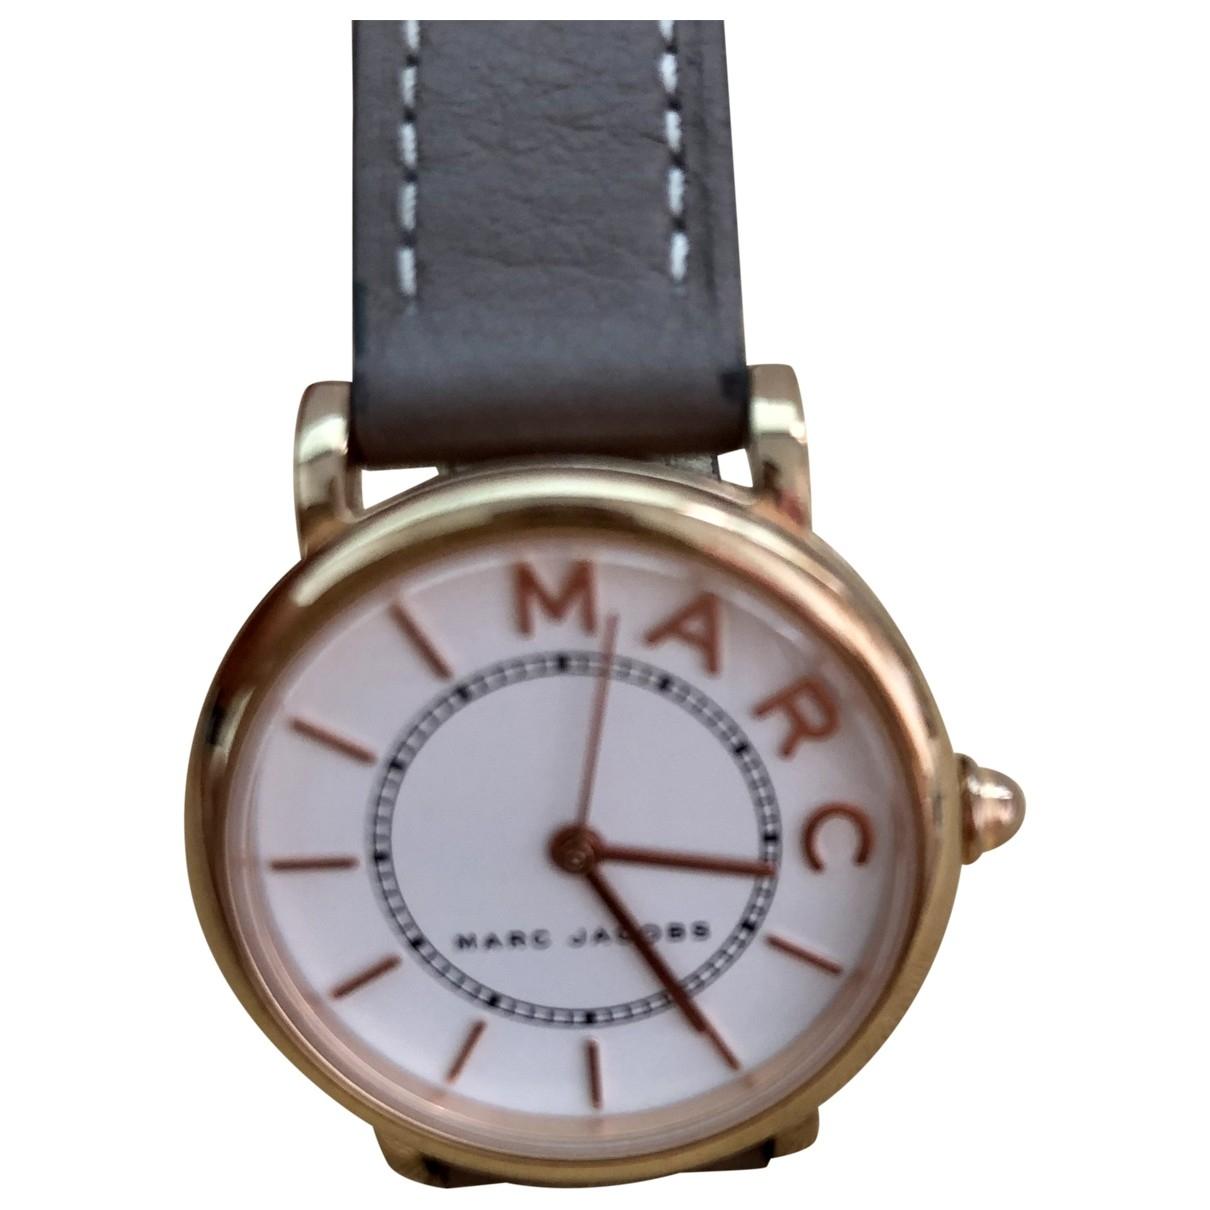 Marc Jacobs \N Brown Steel watch for Women \N